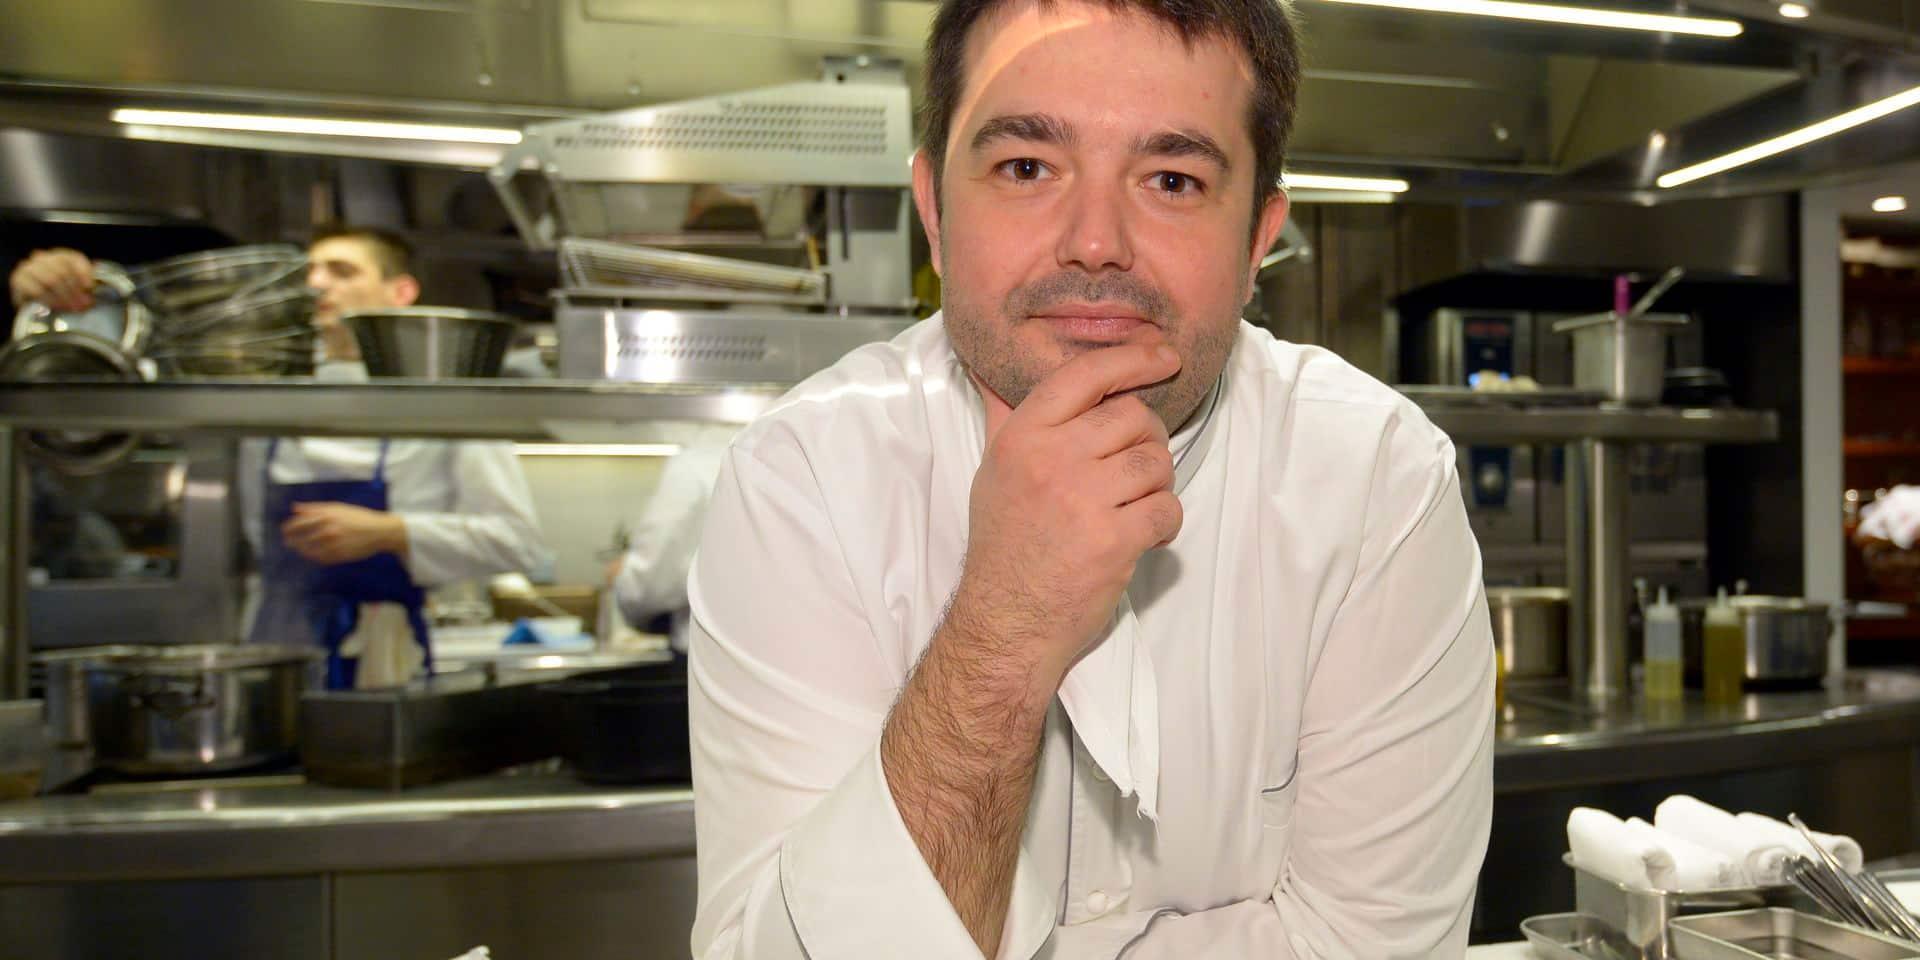 Jean-François Piège quitte l'émission Top Chef